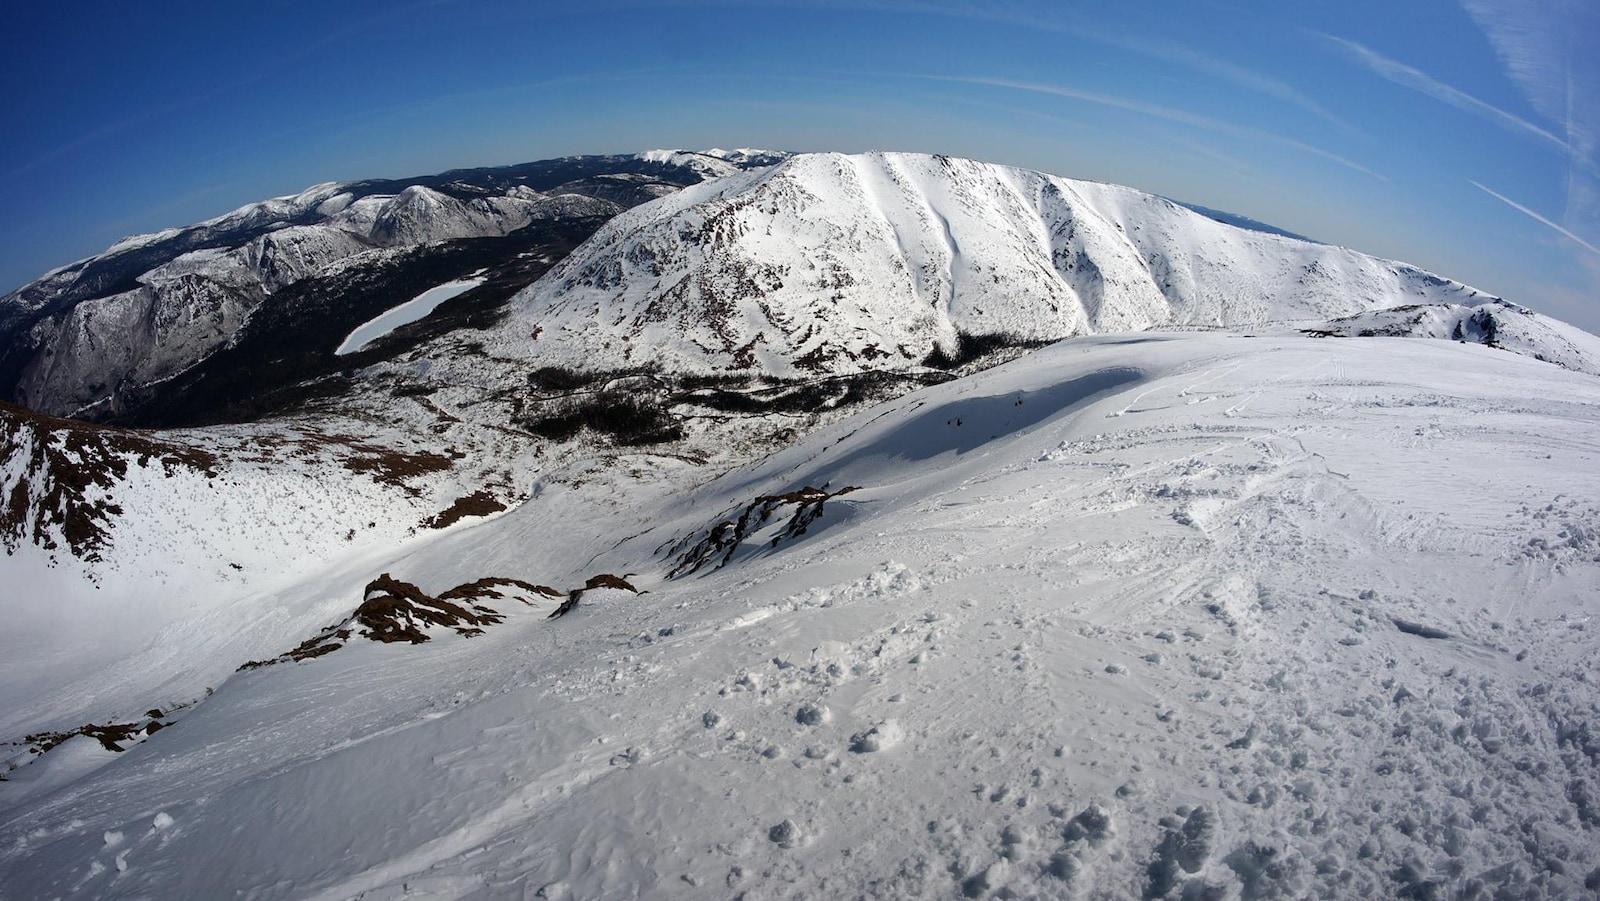 Montagne skiable en milieux alpin